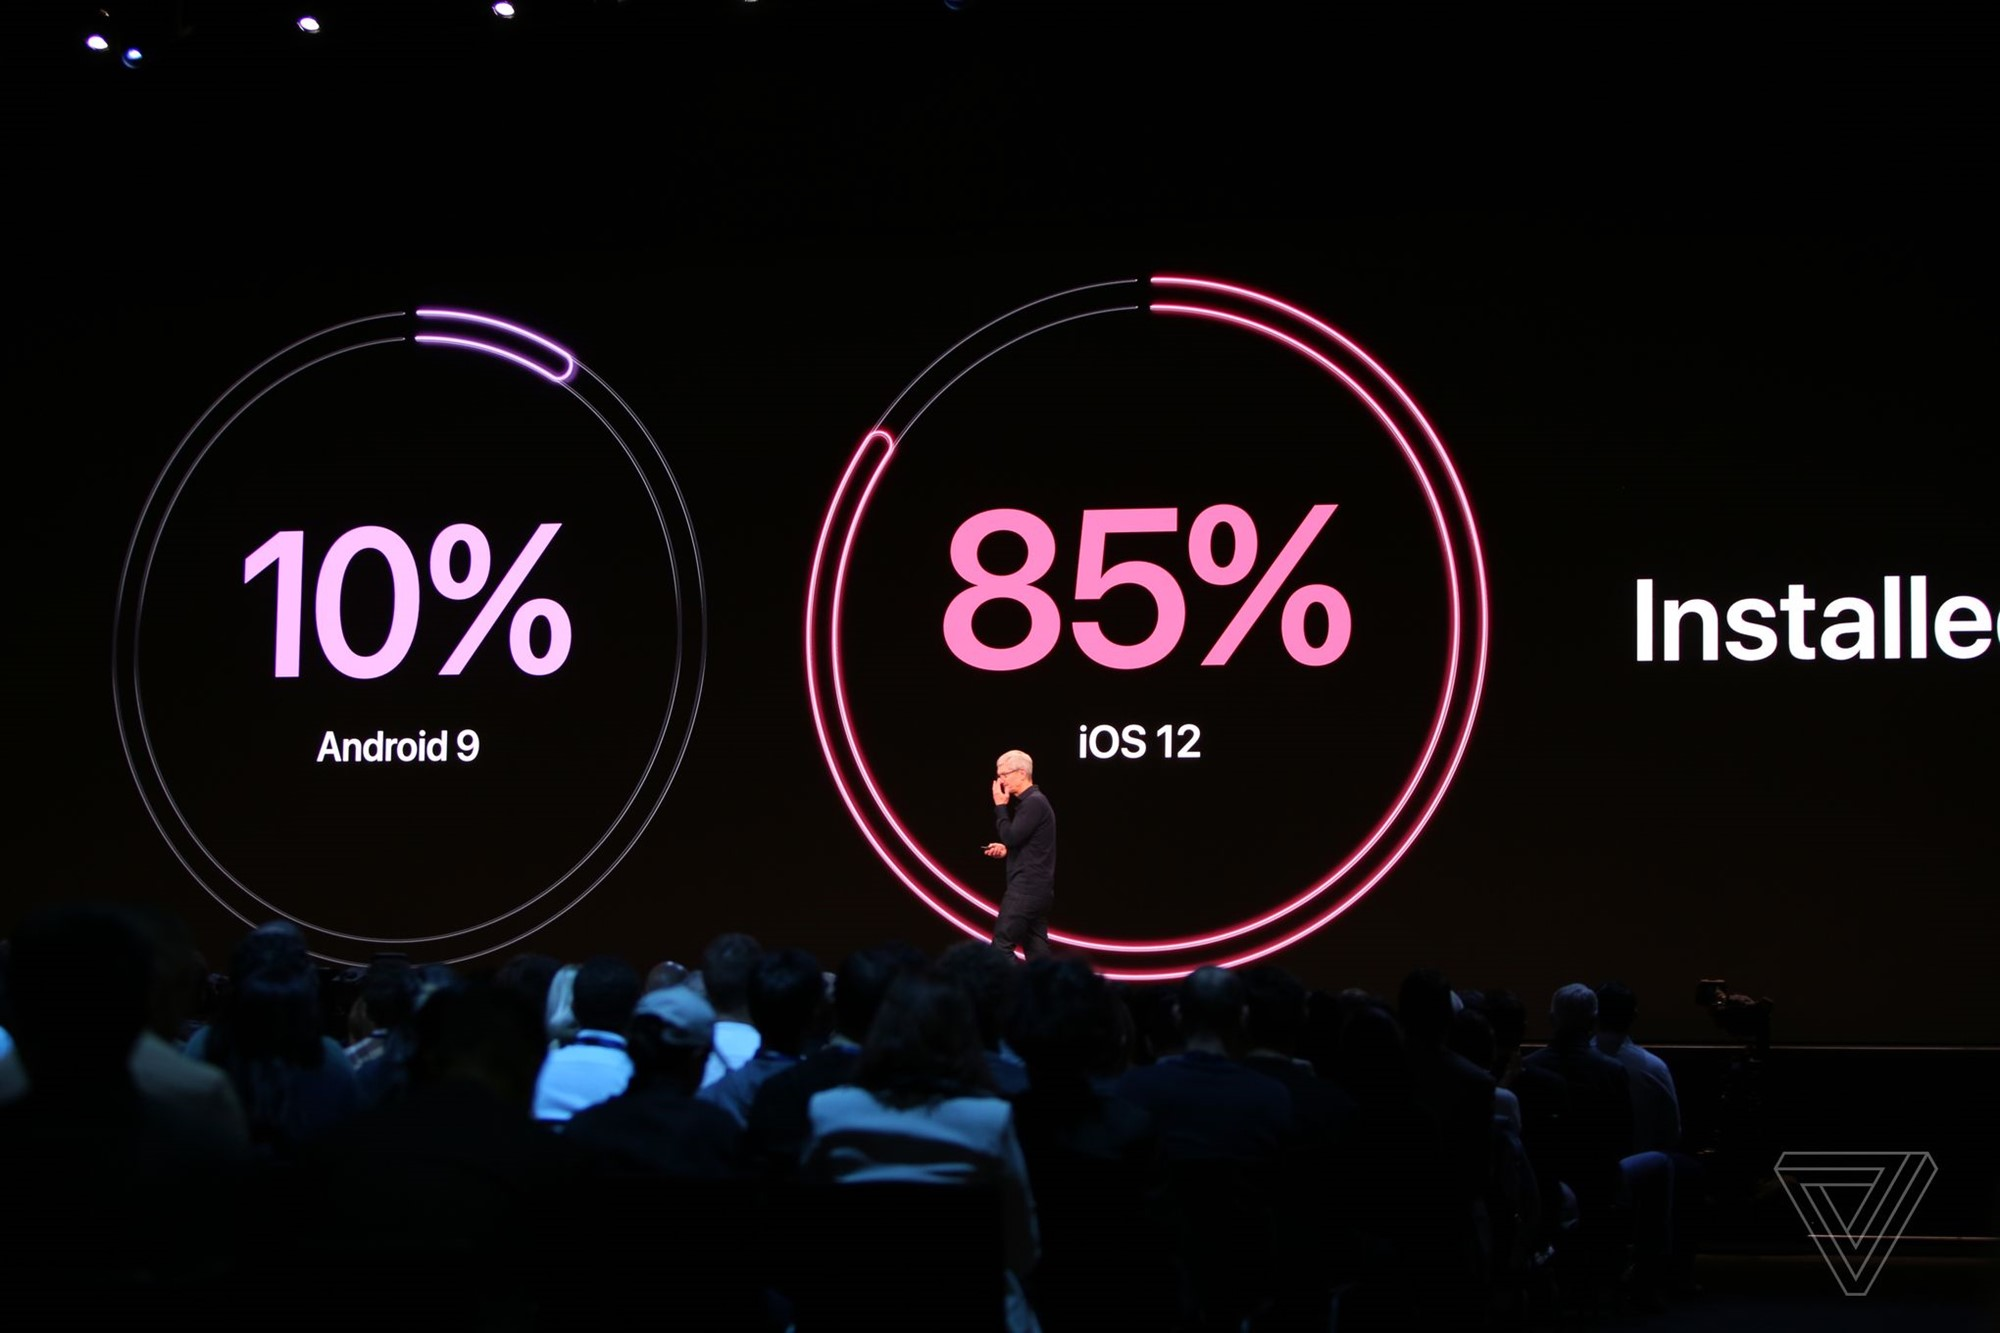 Takto to vyzeralo na včerajšom podujatí WWDC